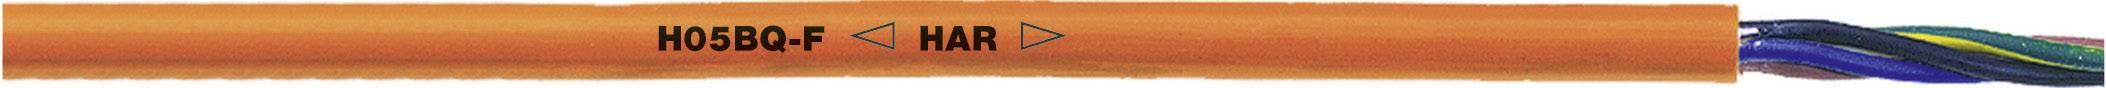 Pripojovací kábel/vodič ÖLFLEX® 550 P LappKabel 0013611, 3 G 1 mm², oranžová, metrový tovar